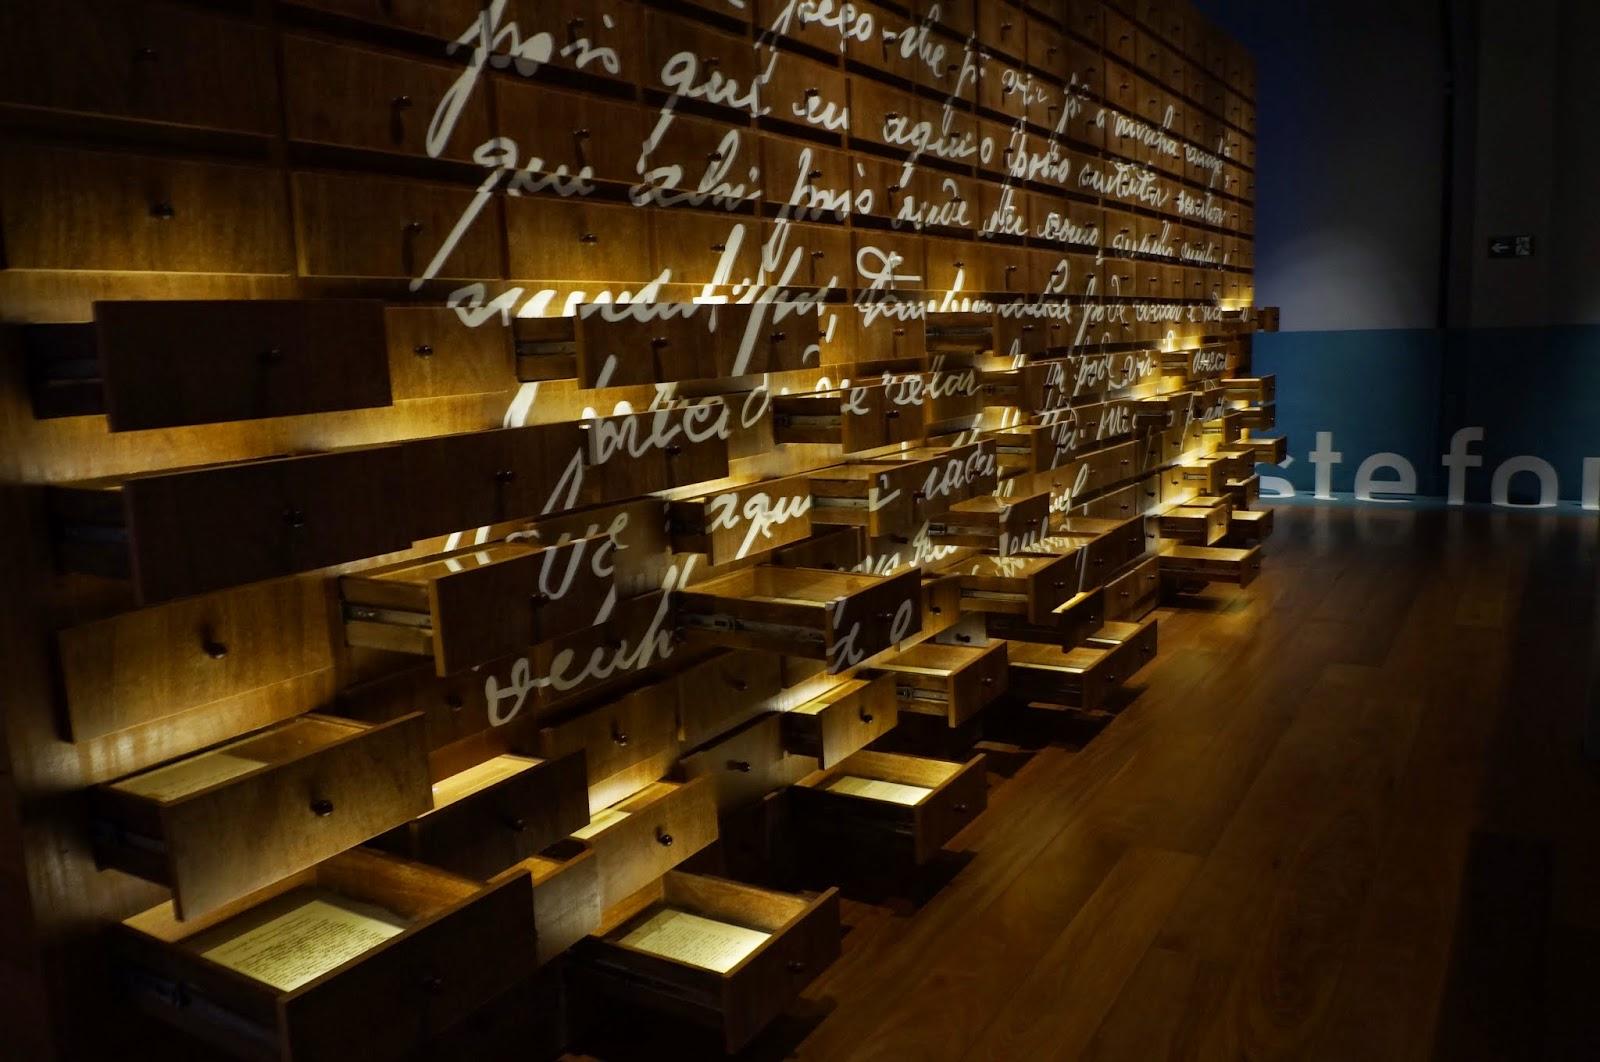 Museu da Imigração - SP: Um paredão de gavetas nas quais é possível observar documentos e ler cartas antigas dos imigrantes